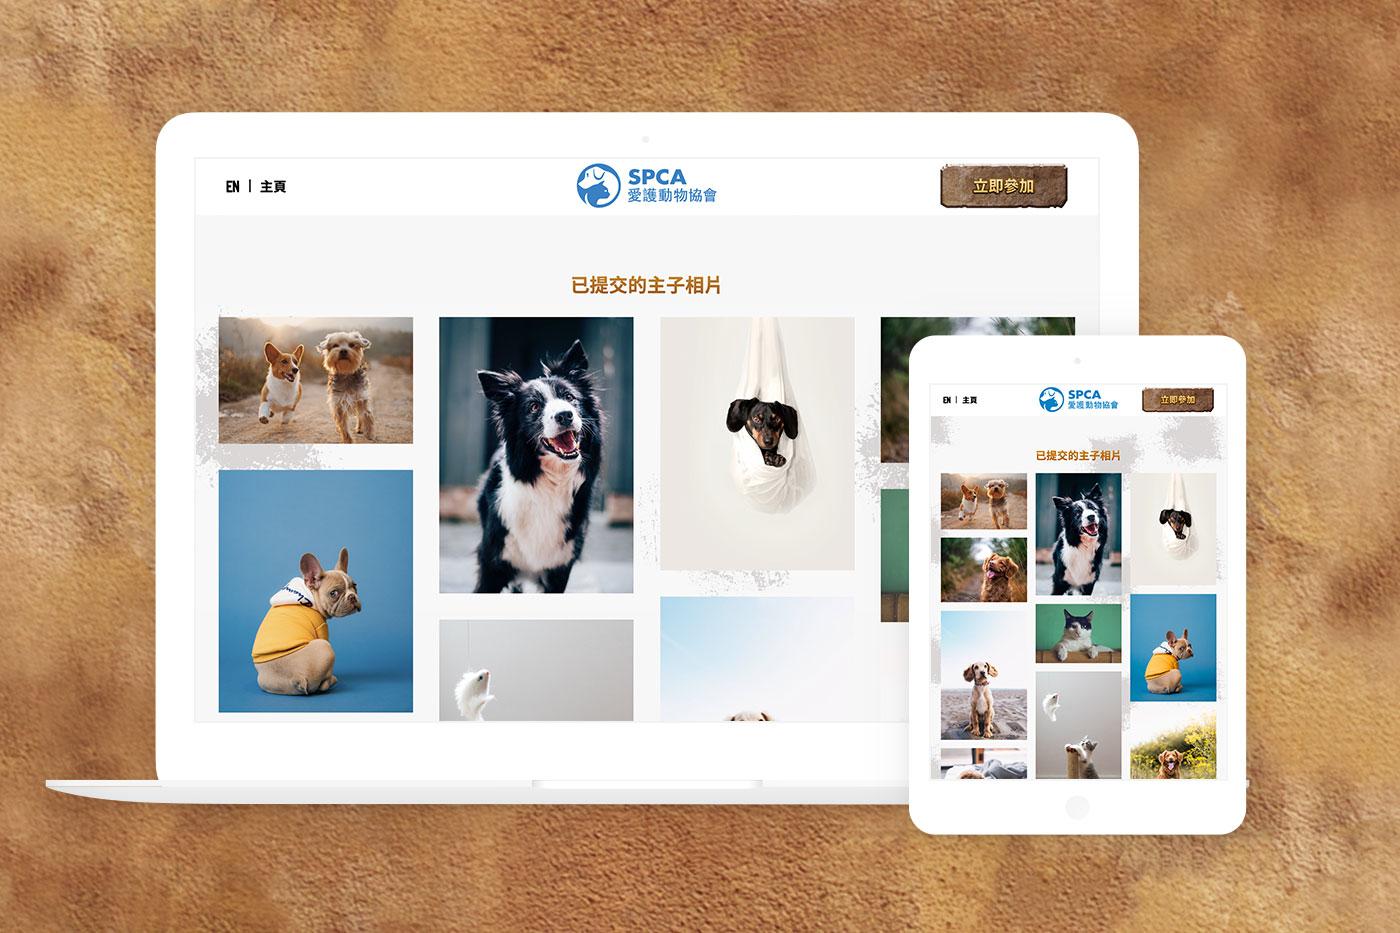 爱护动物协会